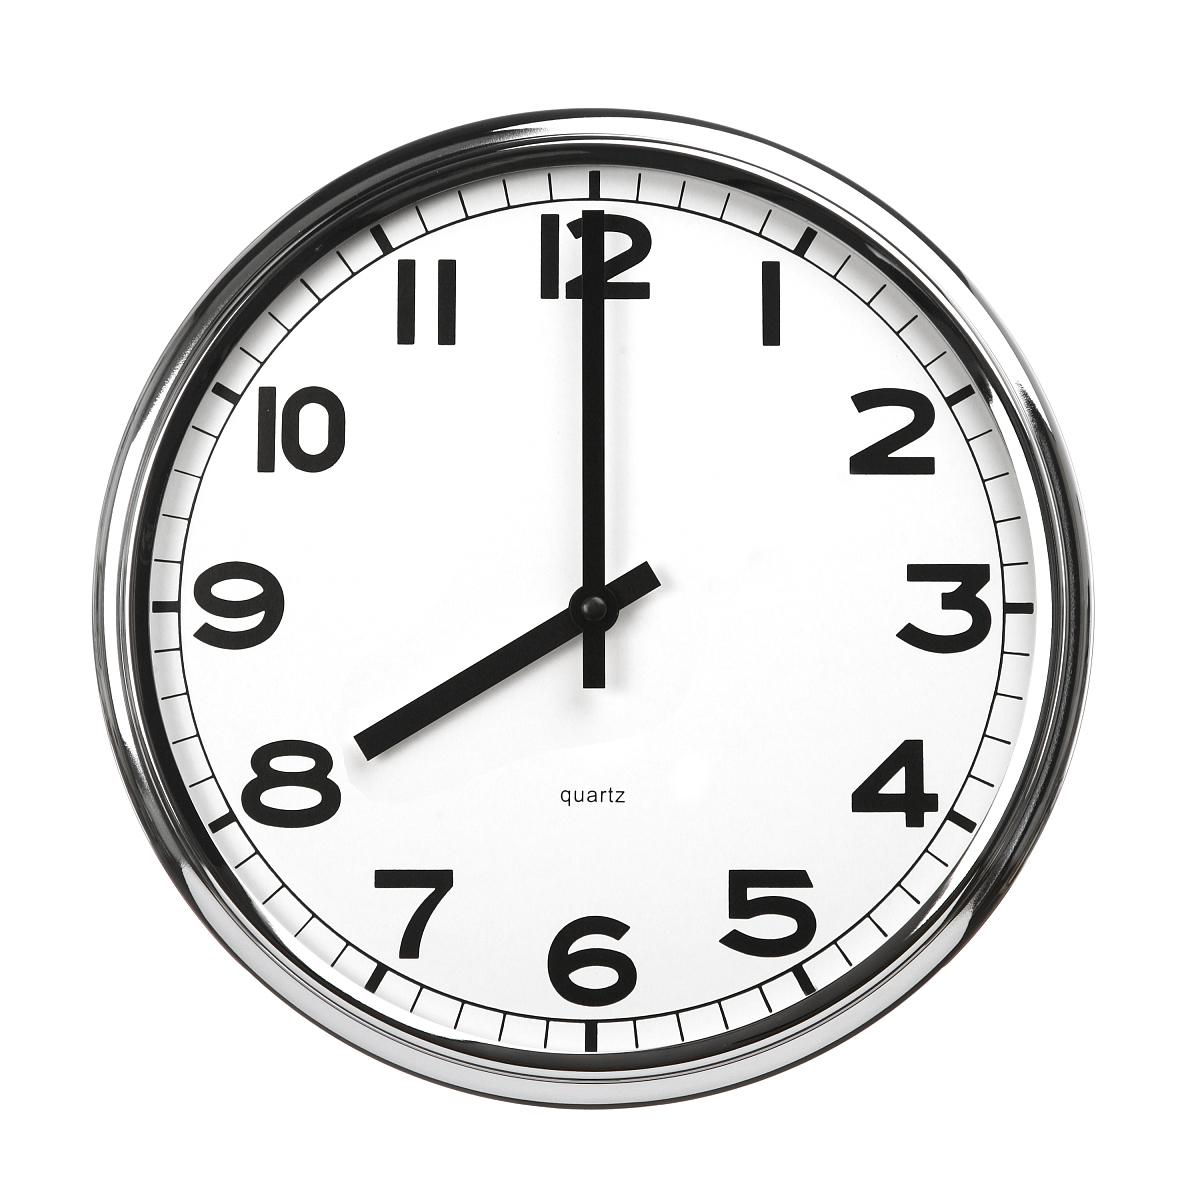 时间_时间,水平画幅,钟,背景分离,彩色图片,数字10,数字7,数字3,数字2